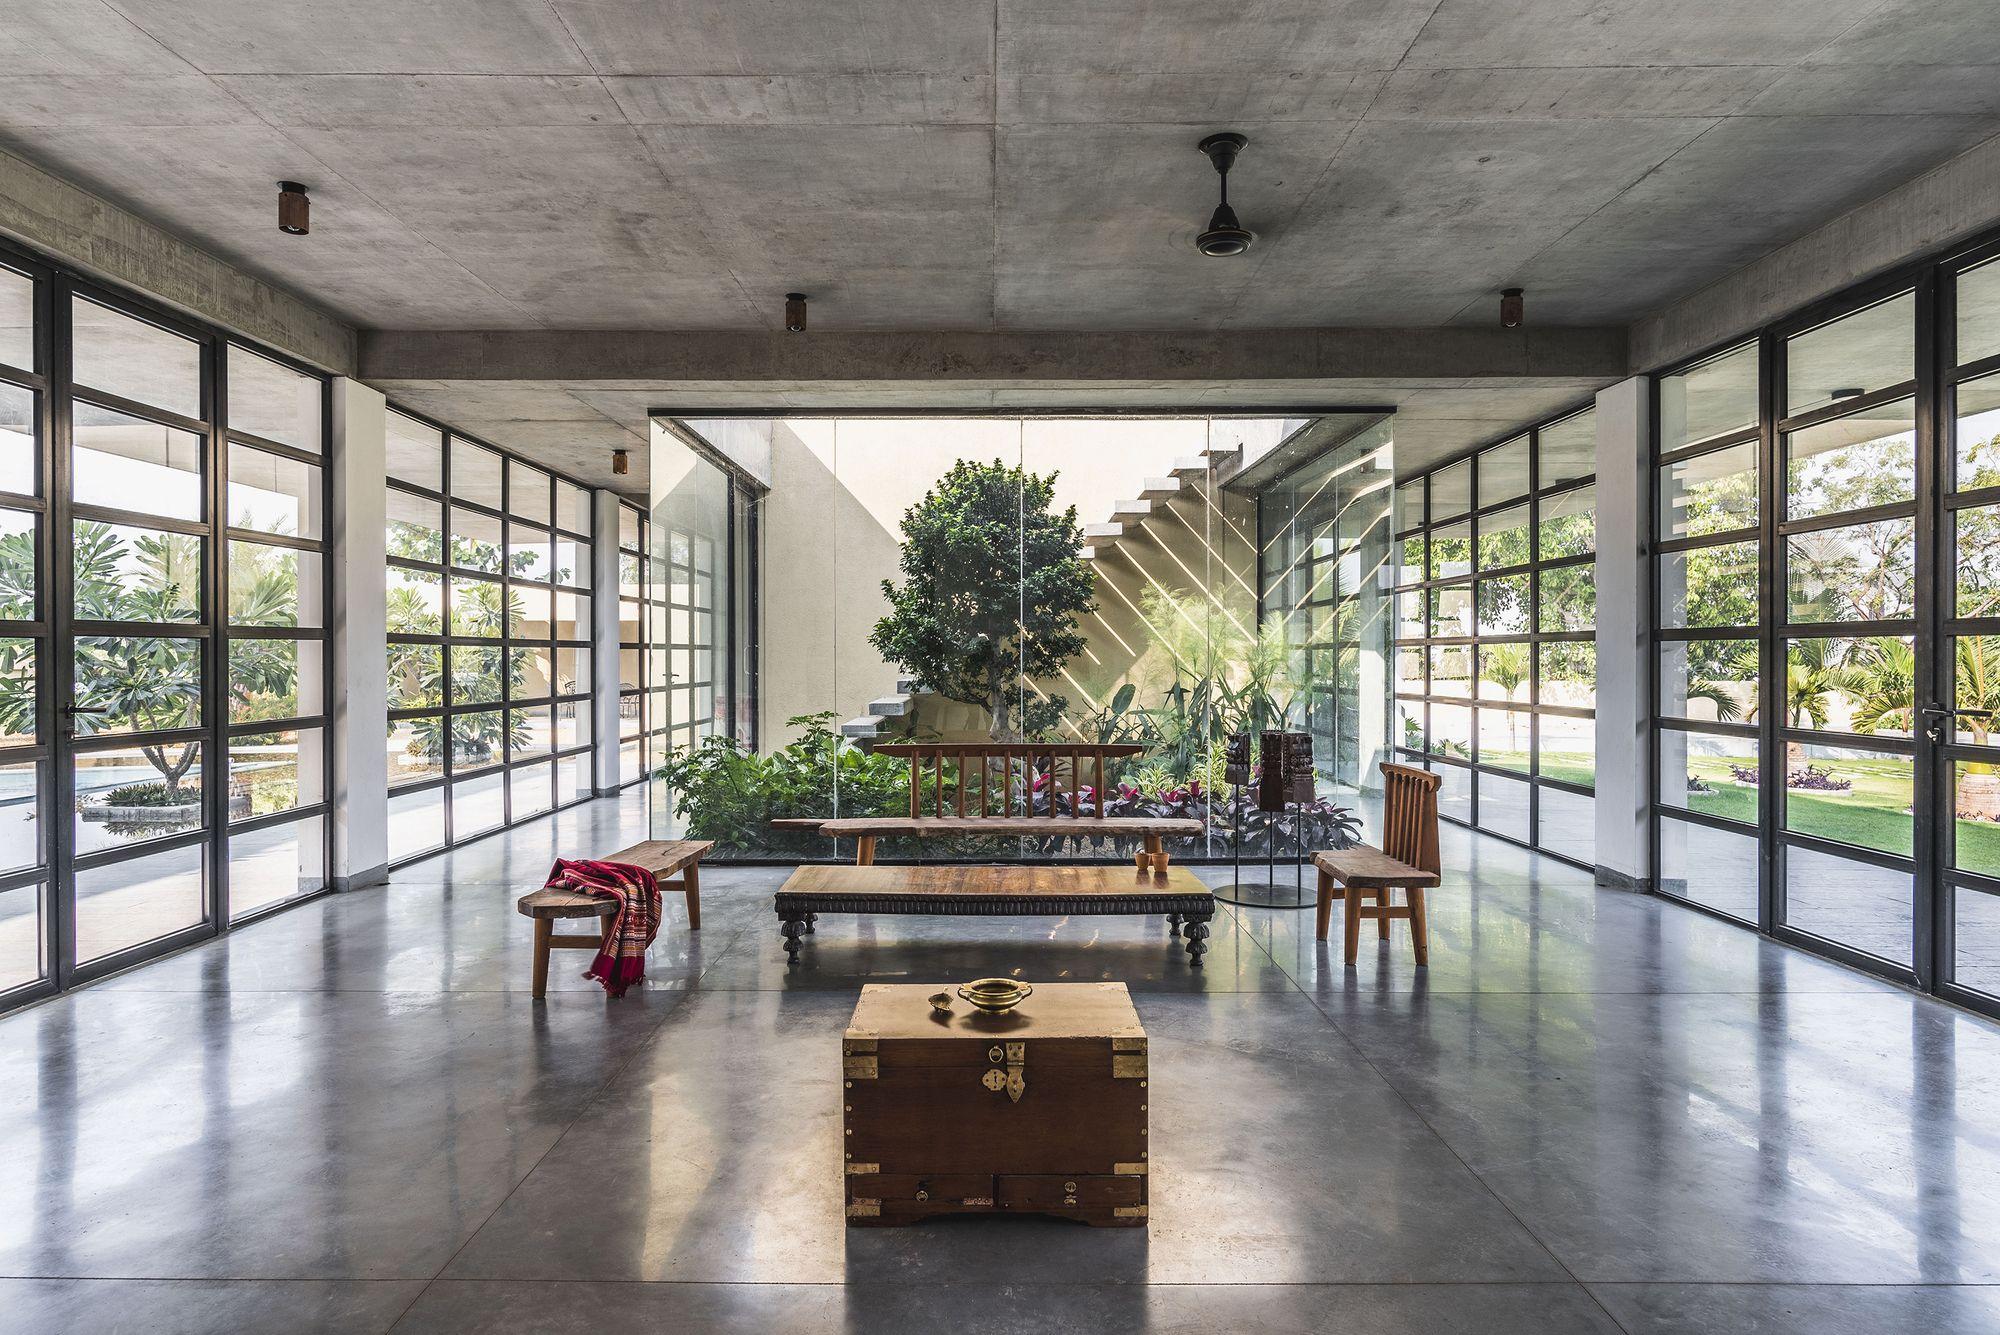 Gallery of Vanvaaso Design Work Group